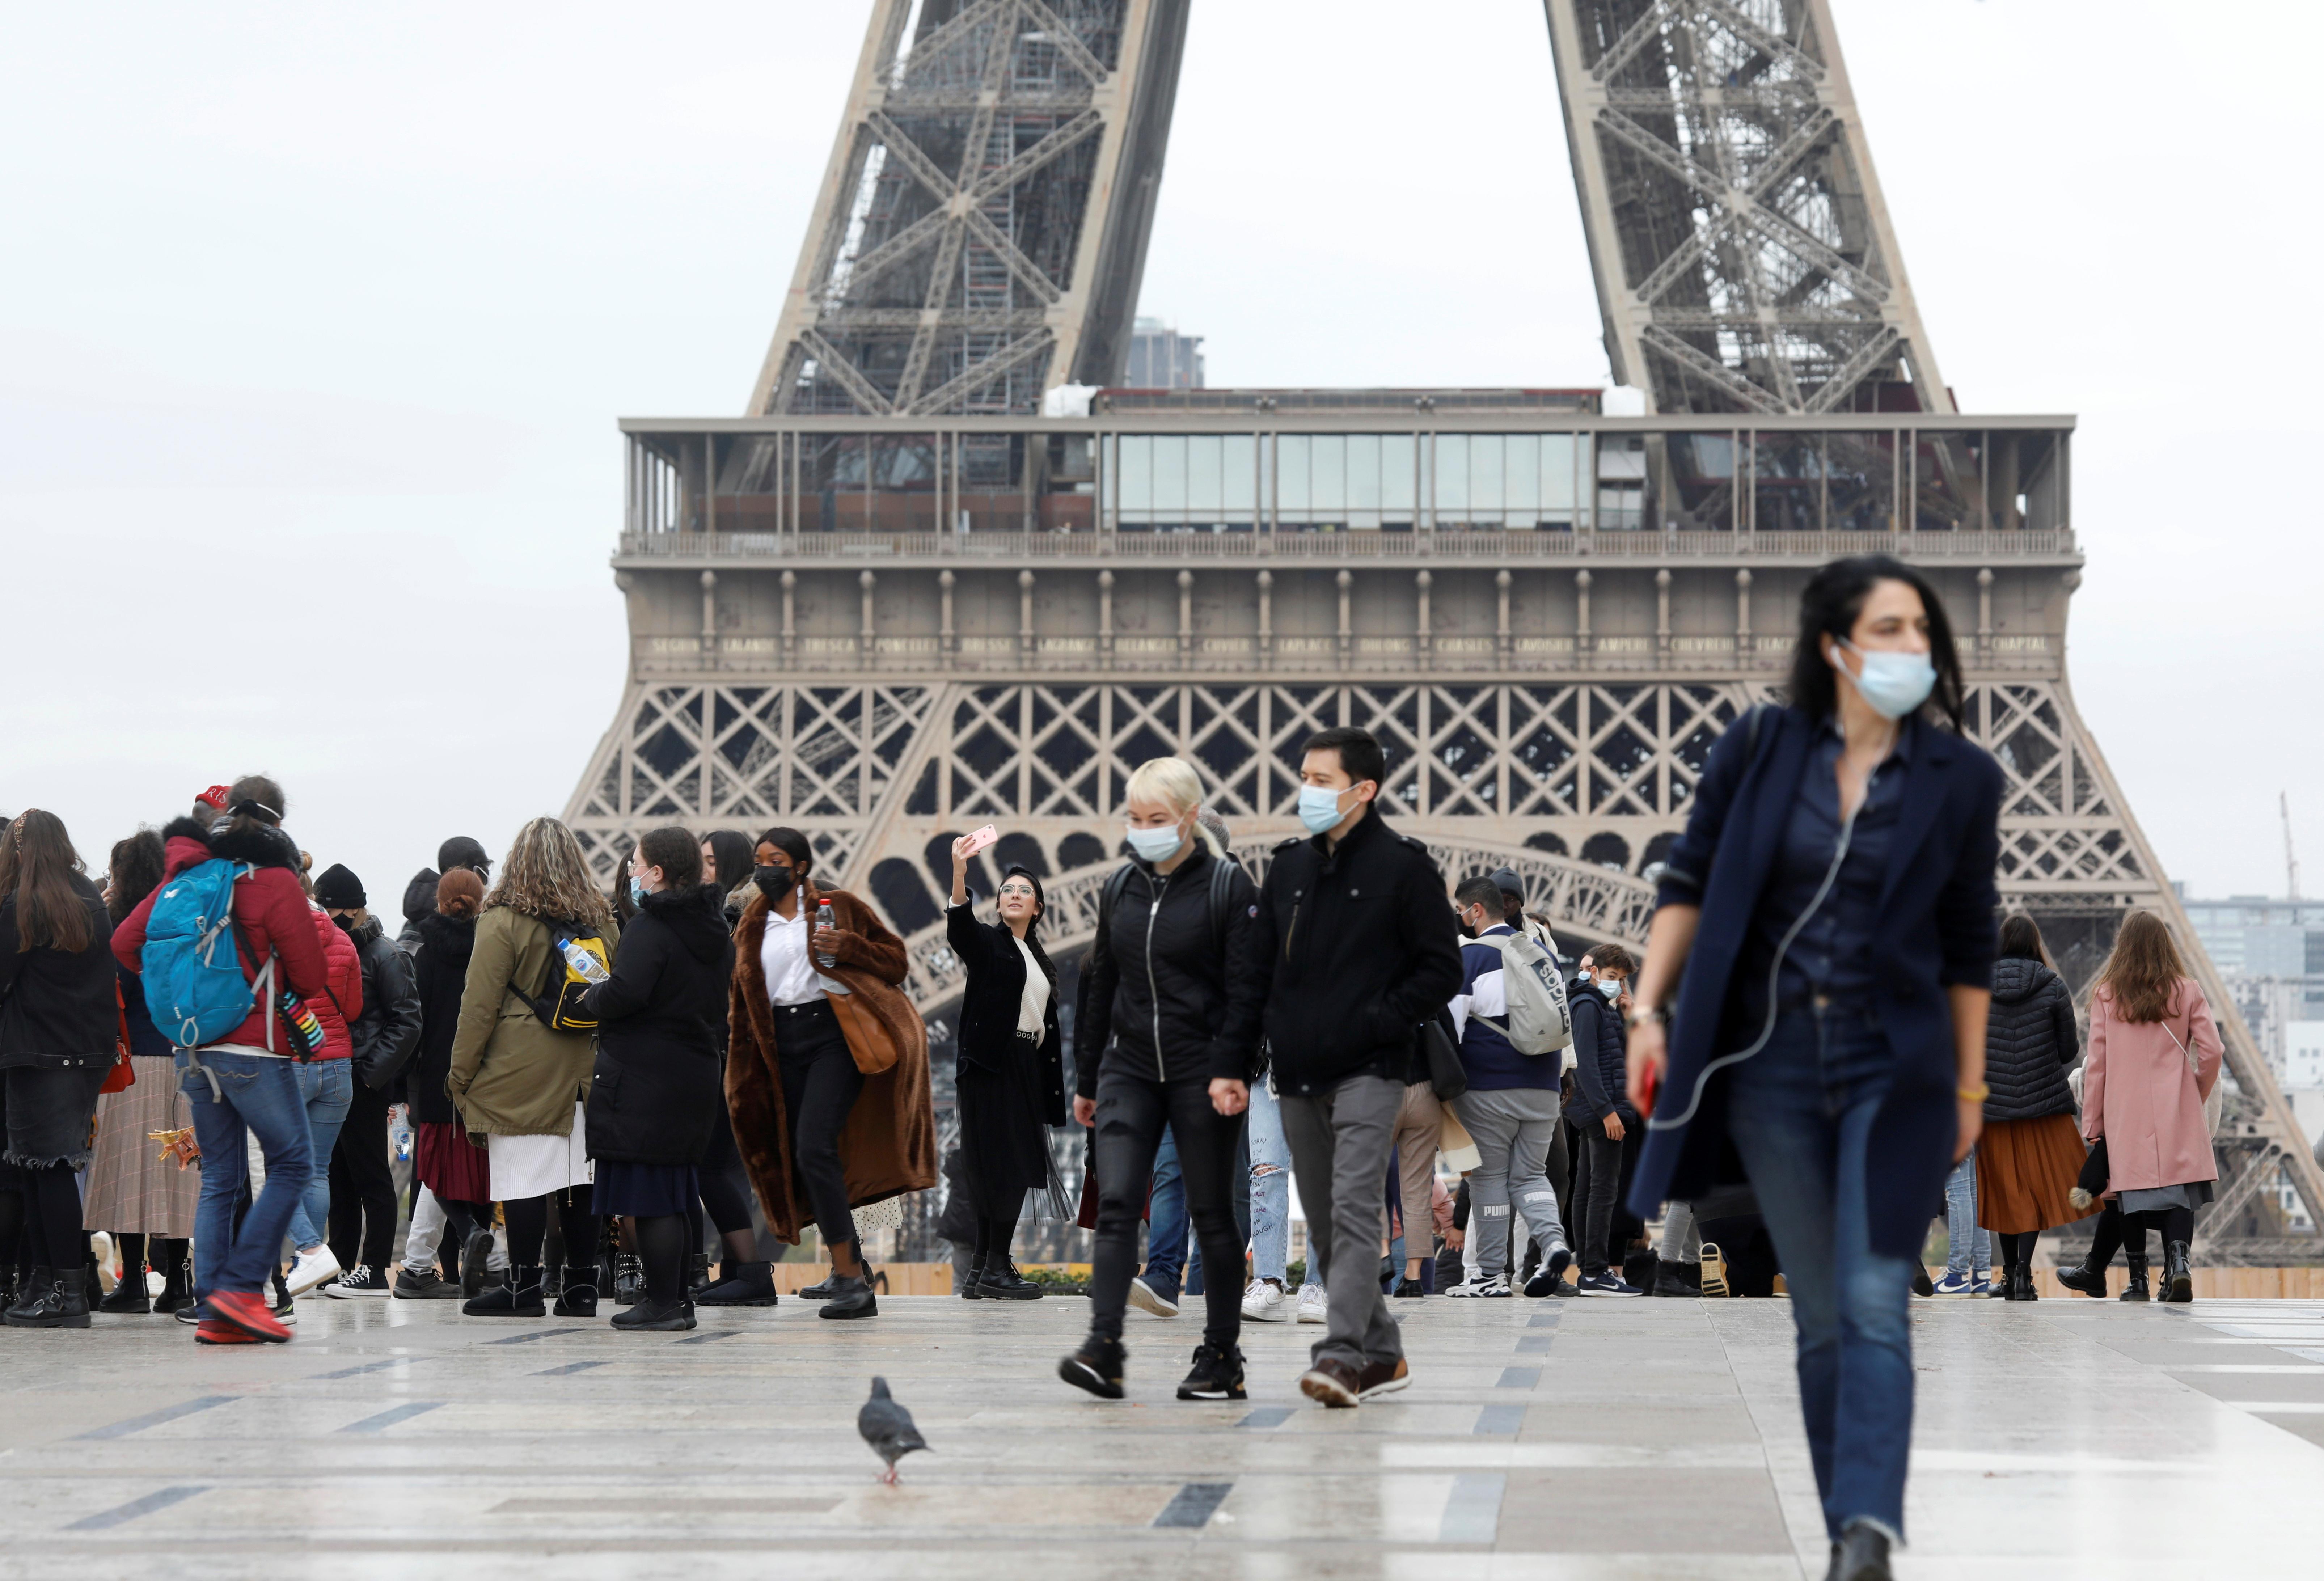 Во Франции задержали первого подозреваемого по делу о теракте